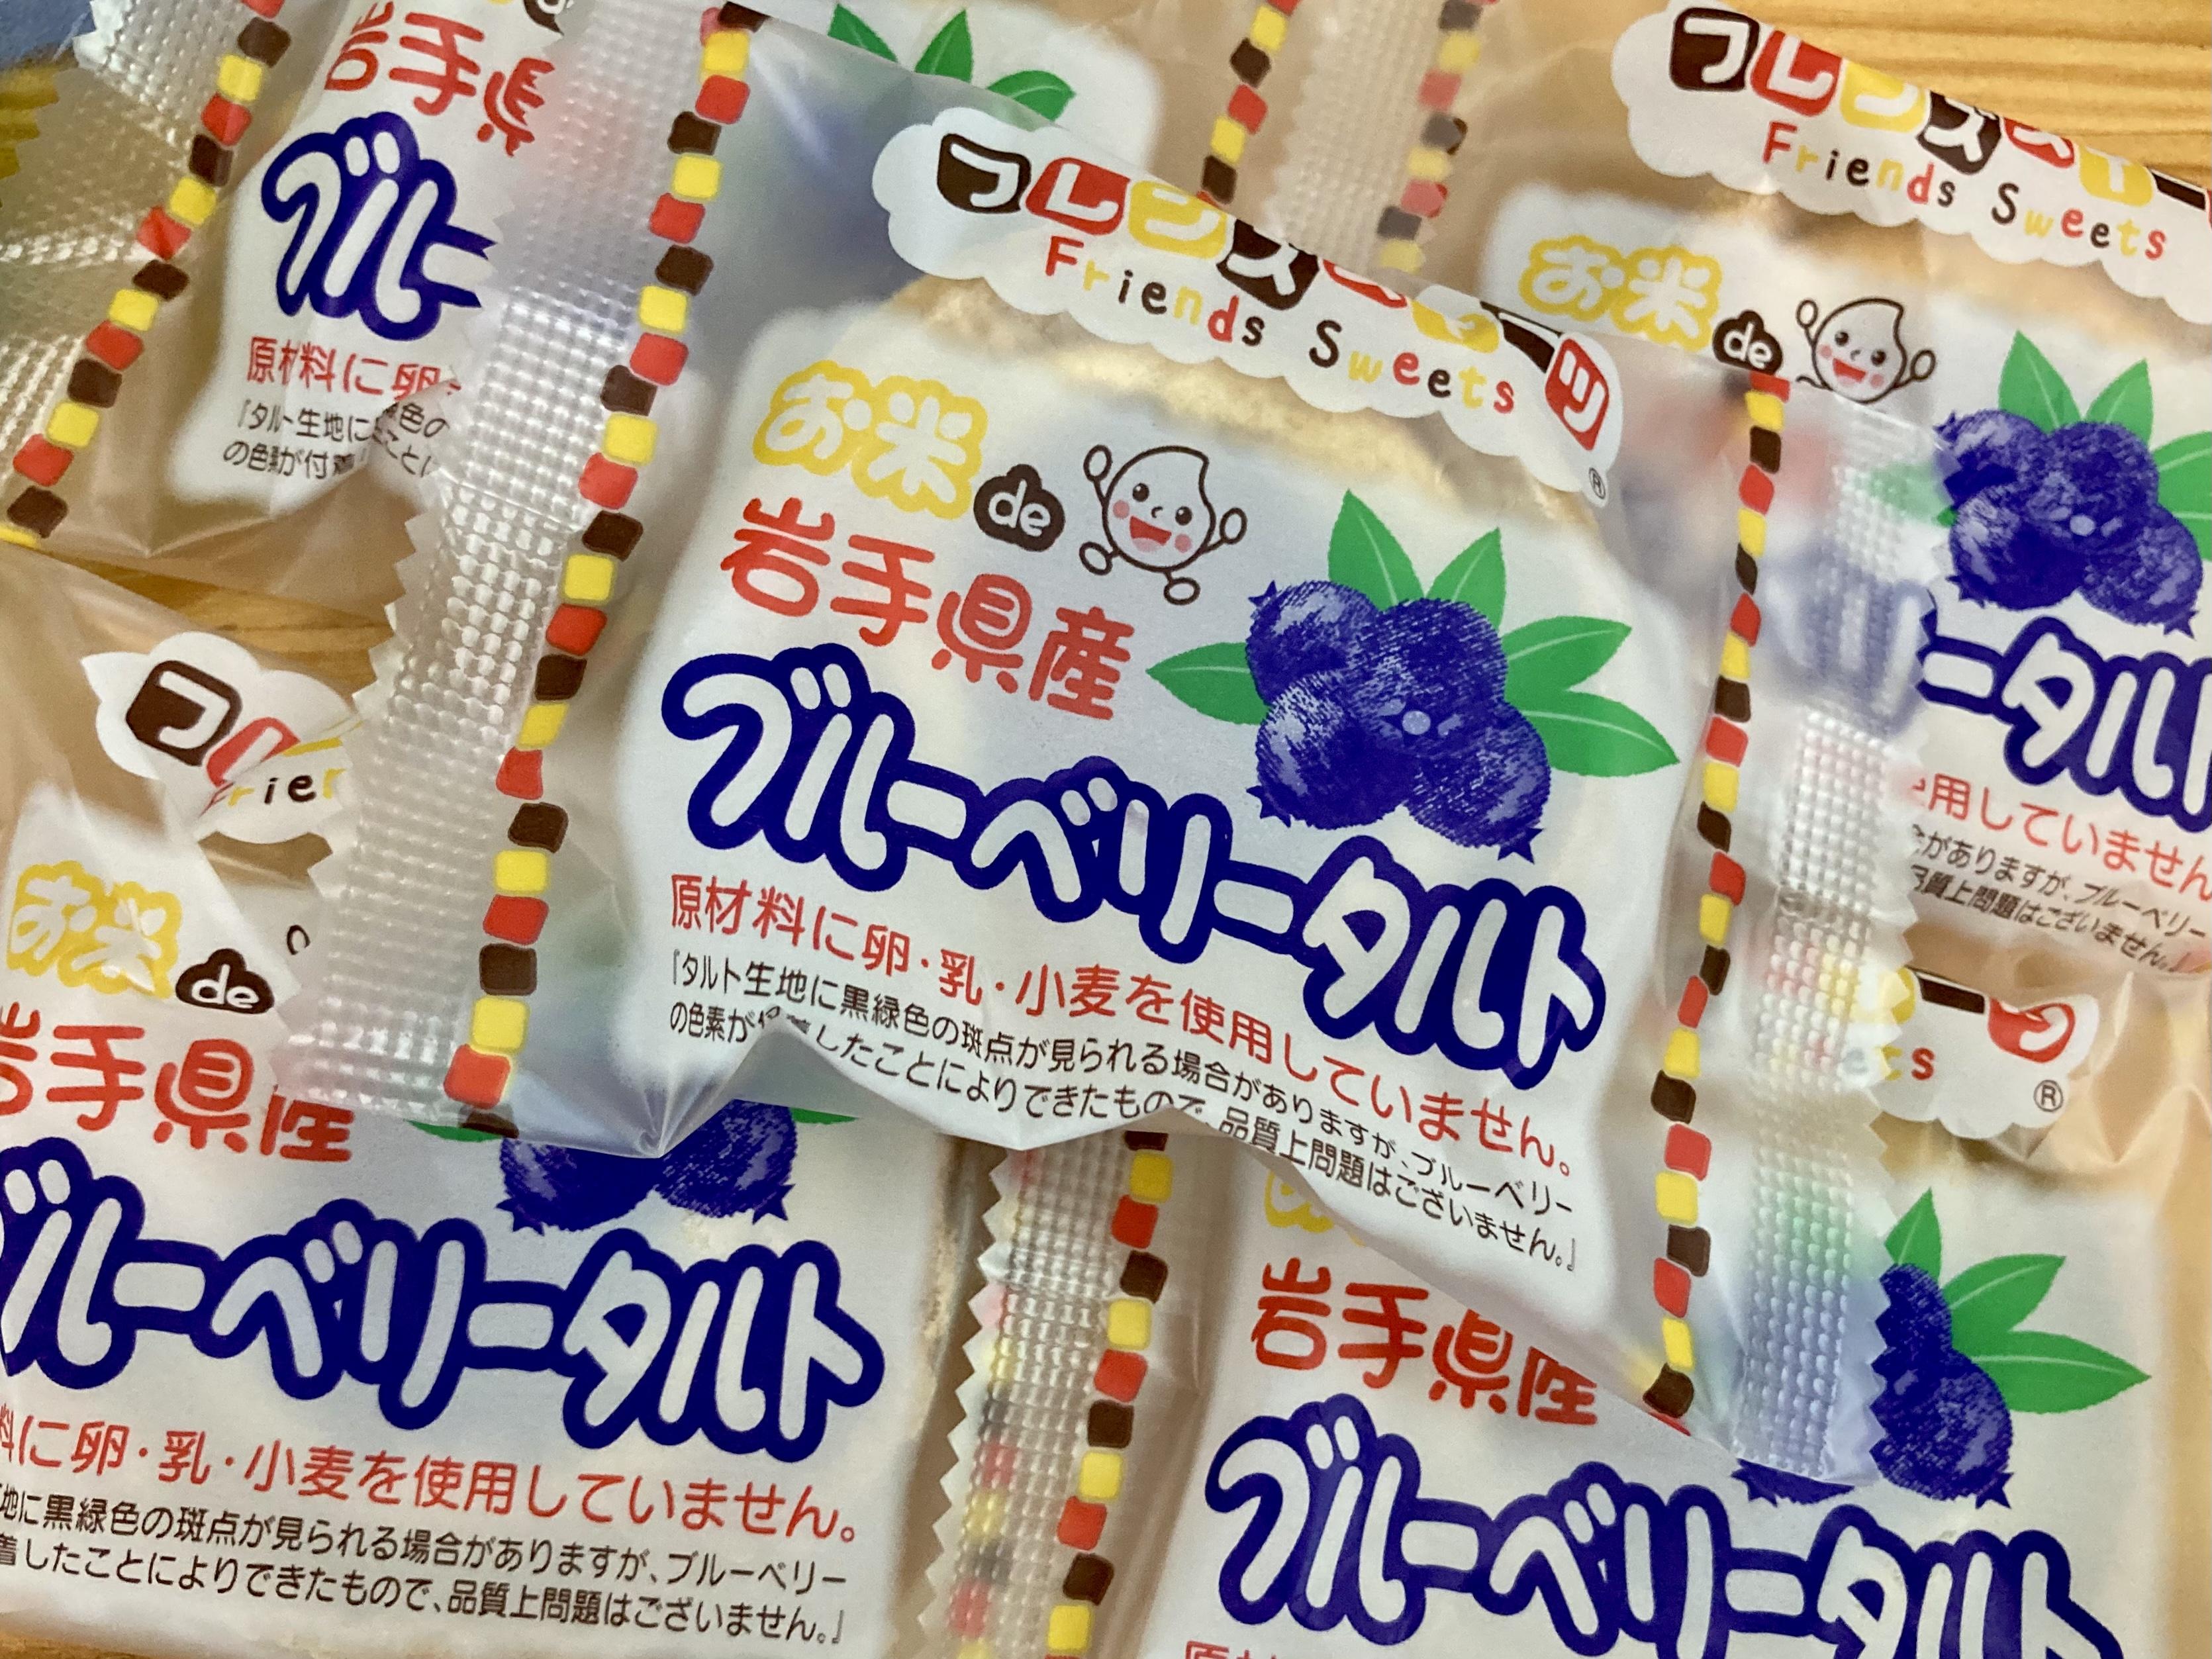 人気の冷凍デザートのNewFace☆ 『お米deブルーベリータルト』